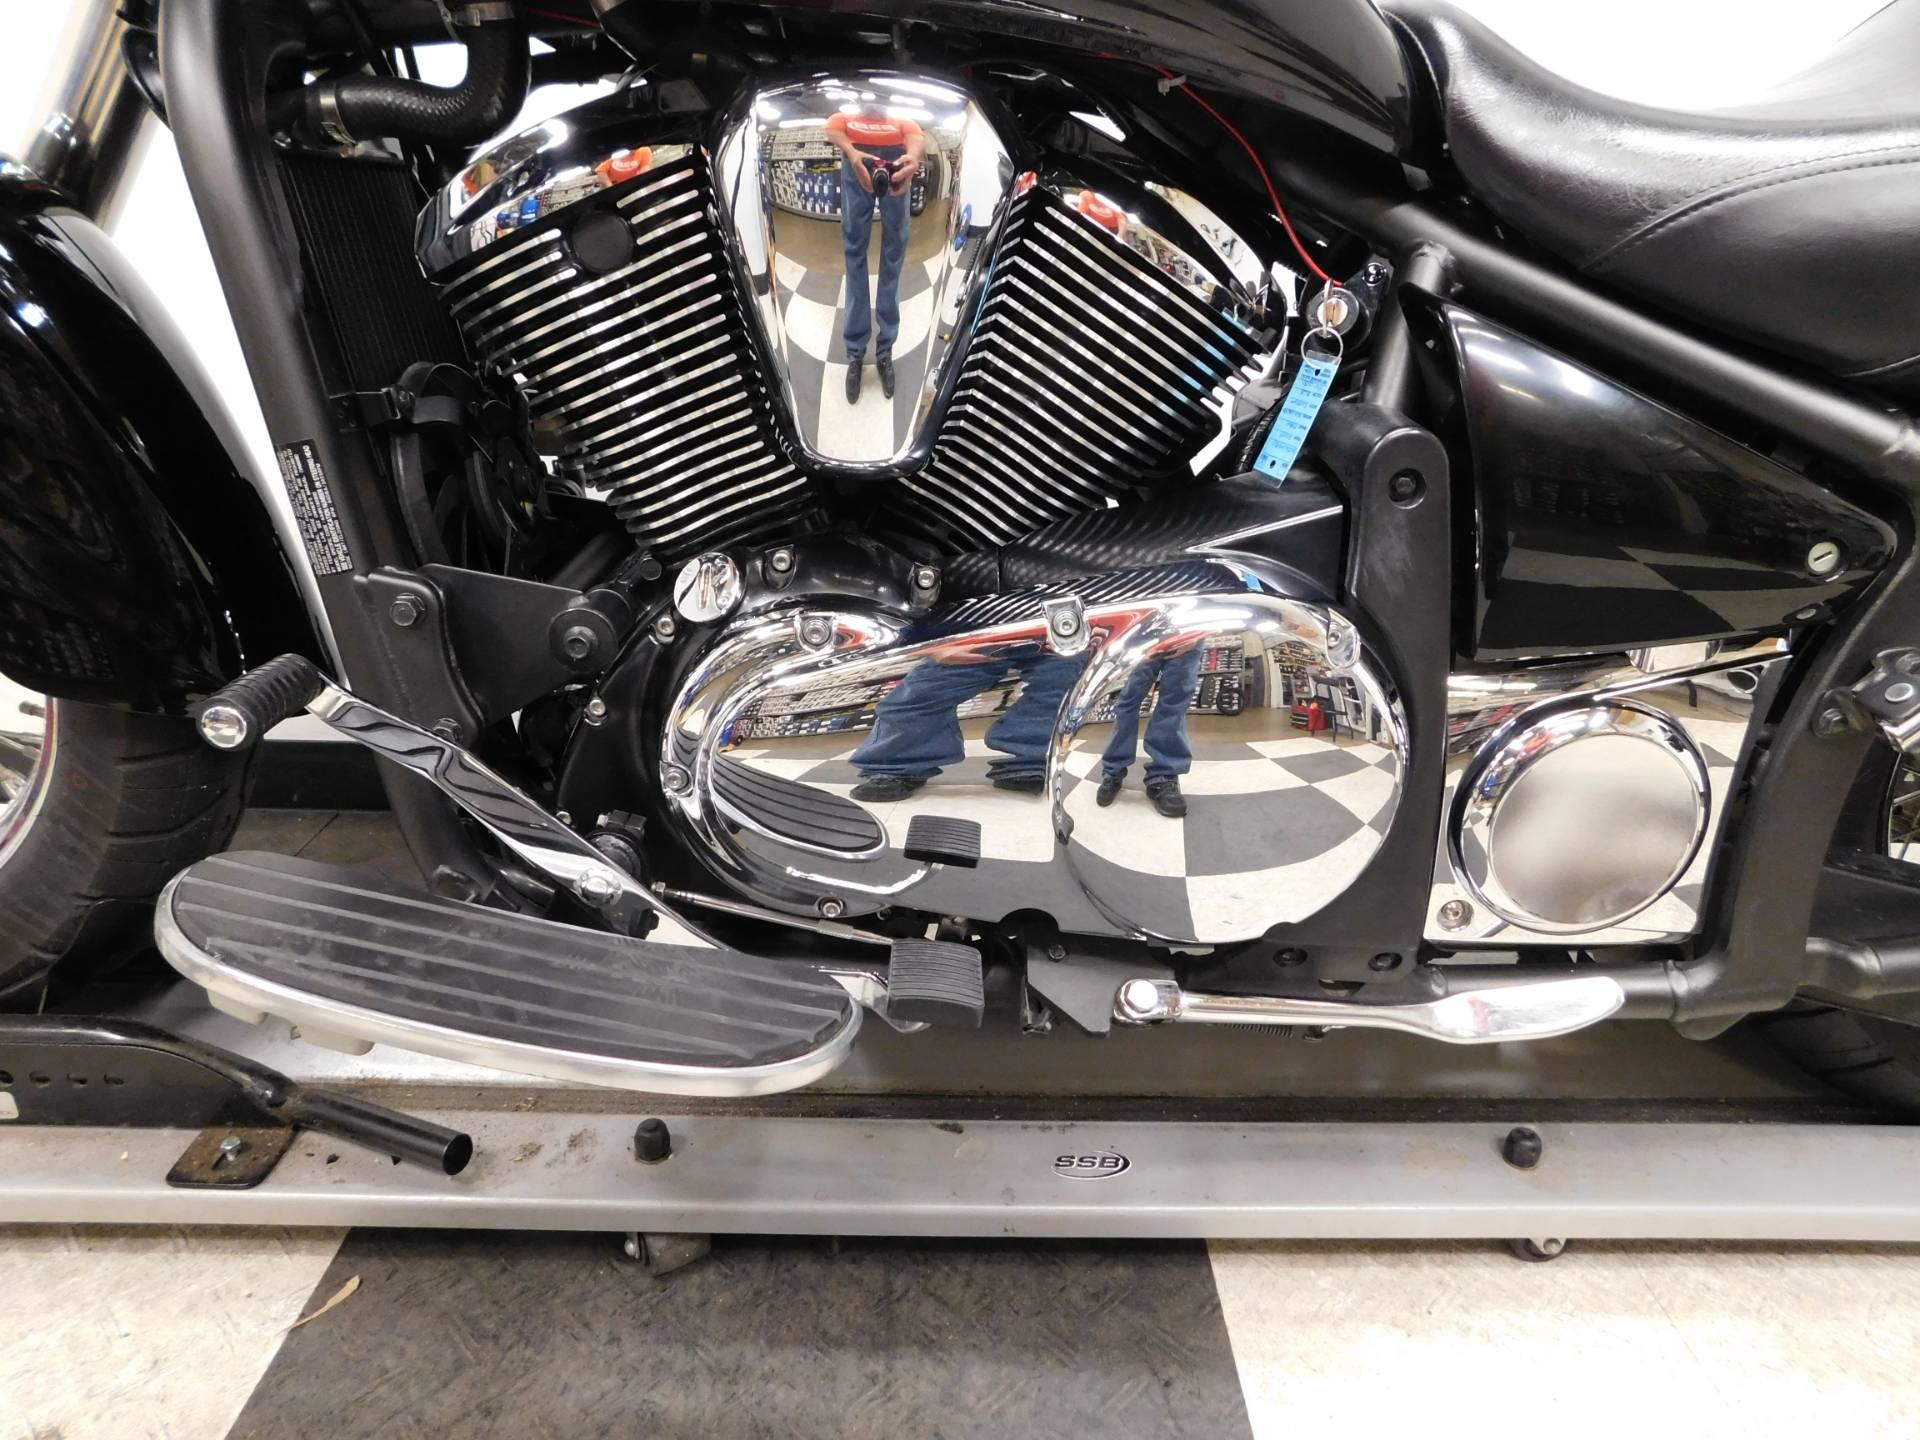 2009 Kawasaki Vulcan 900 Custom 12